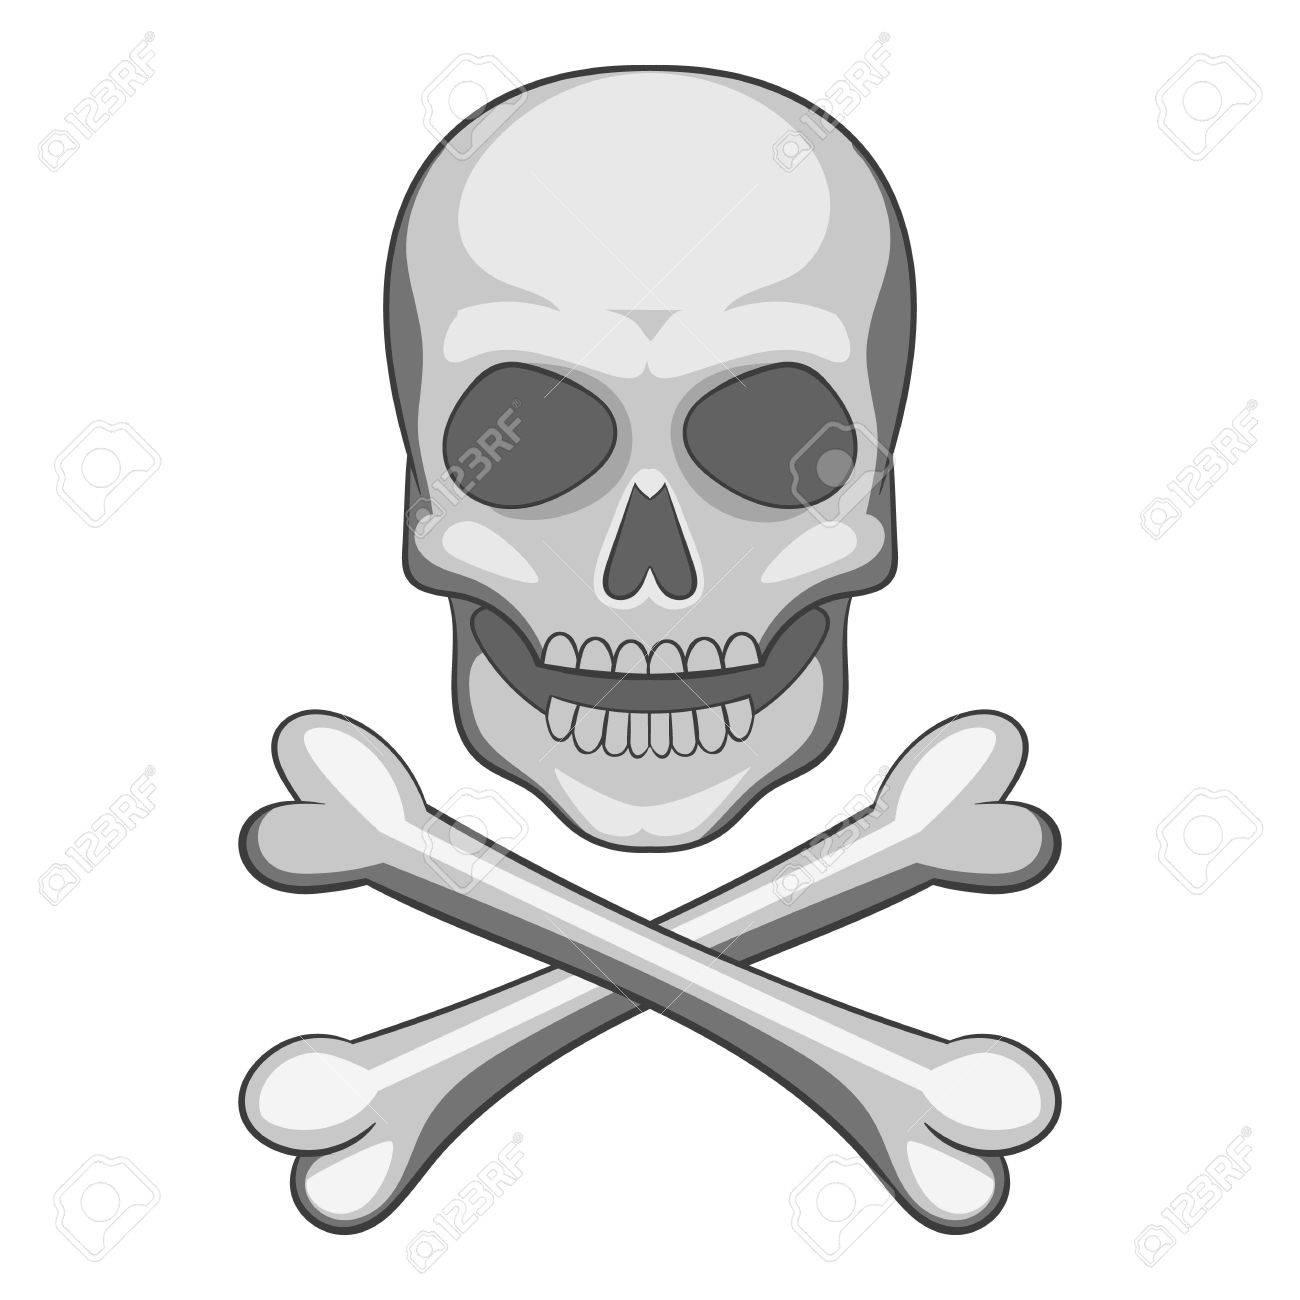 Imagenes De Calaveras Piratas Animadas Www Imagenesmy Com